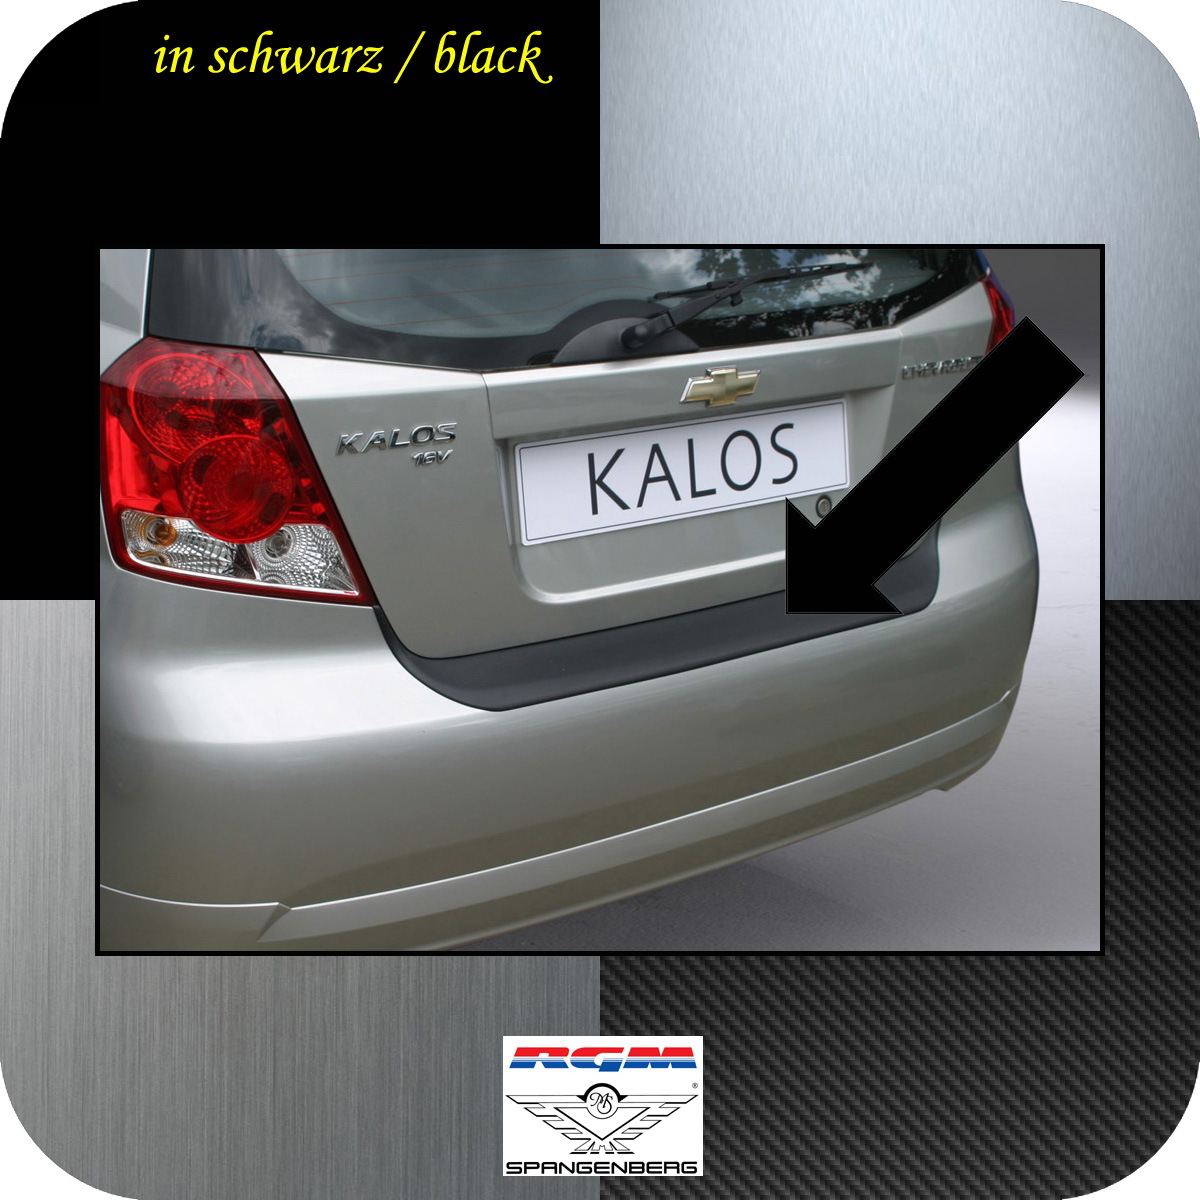 Ladekantenschutz schwarz Chevrolet Daewoo Kalos 5-Türer 2002-06 3500323